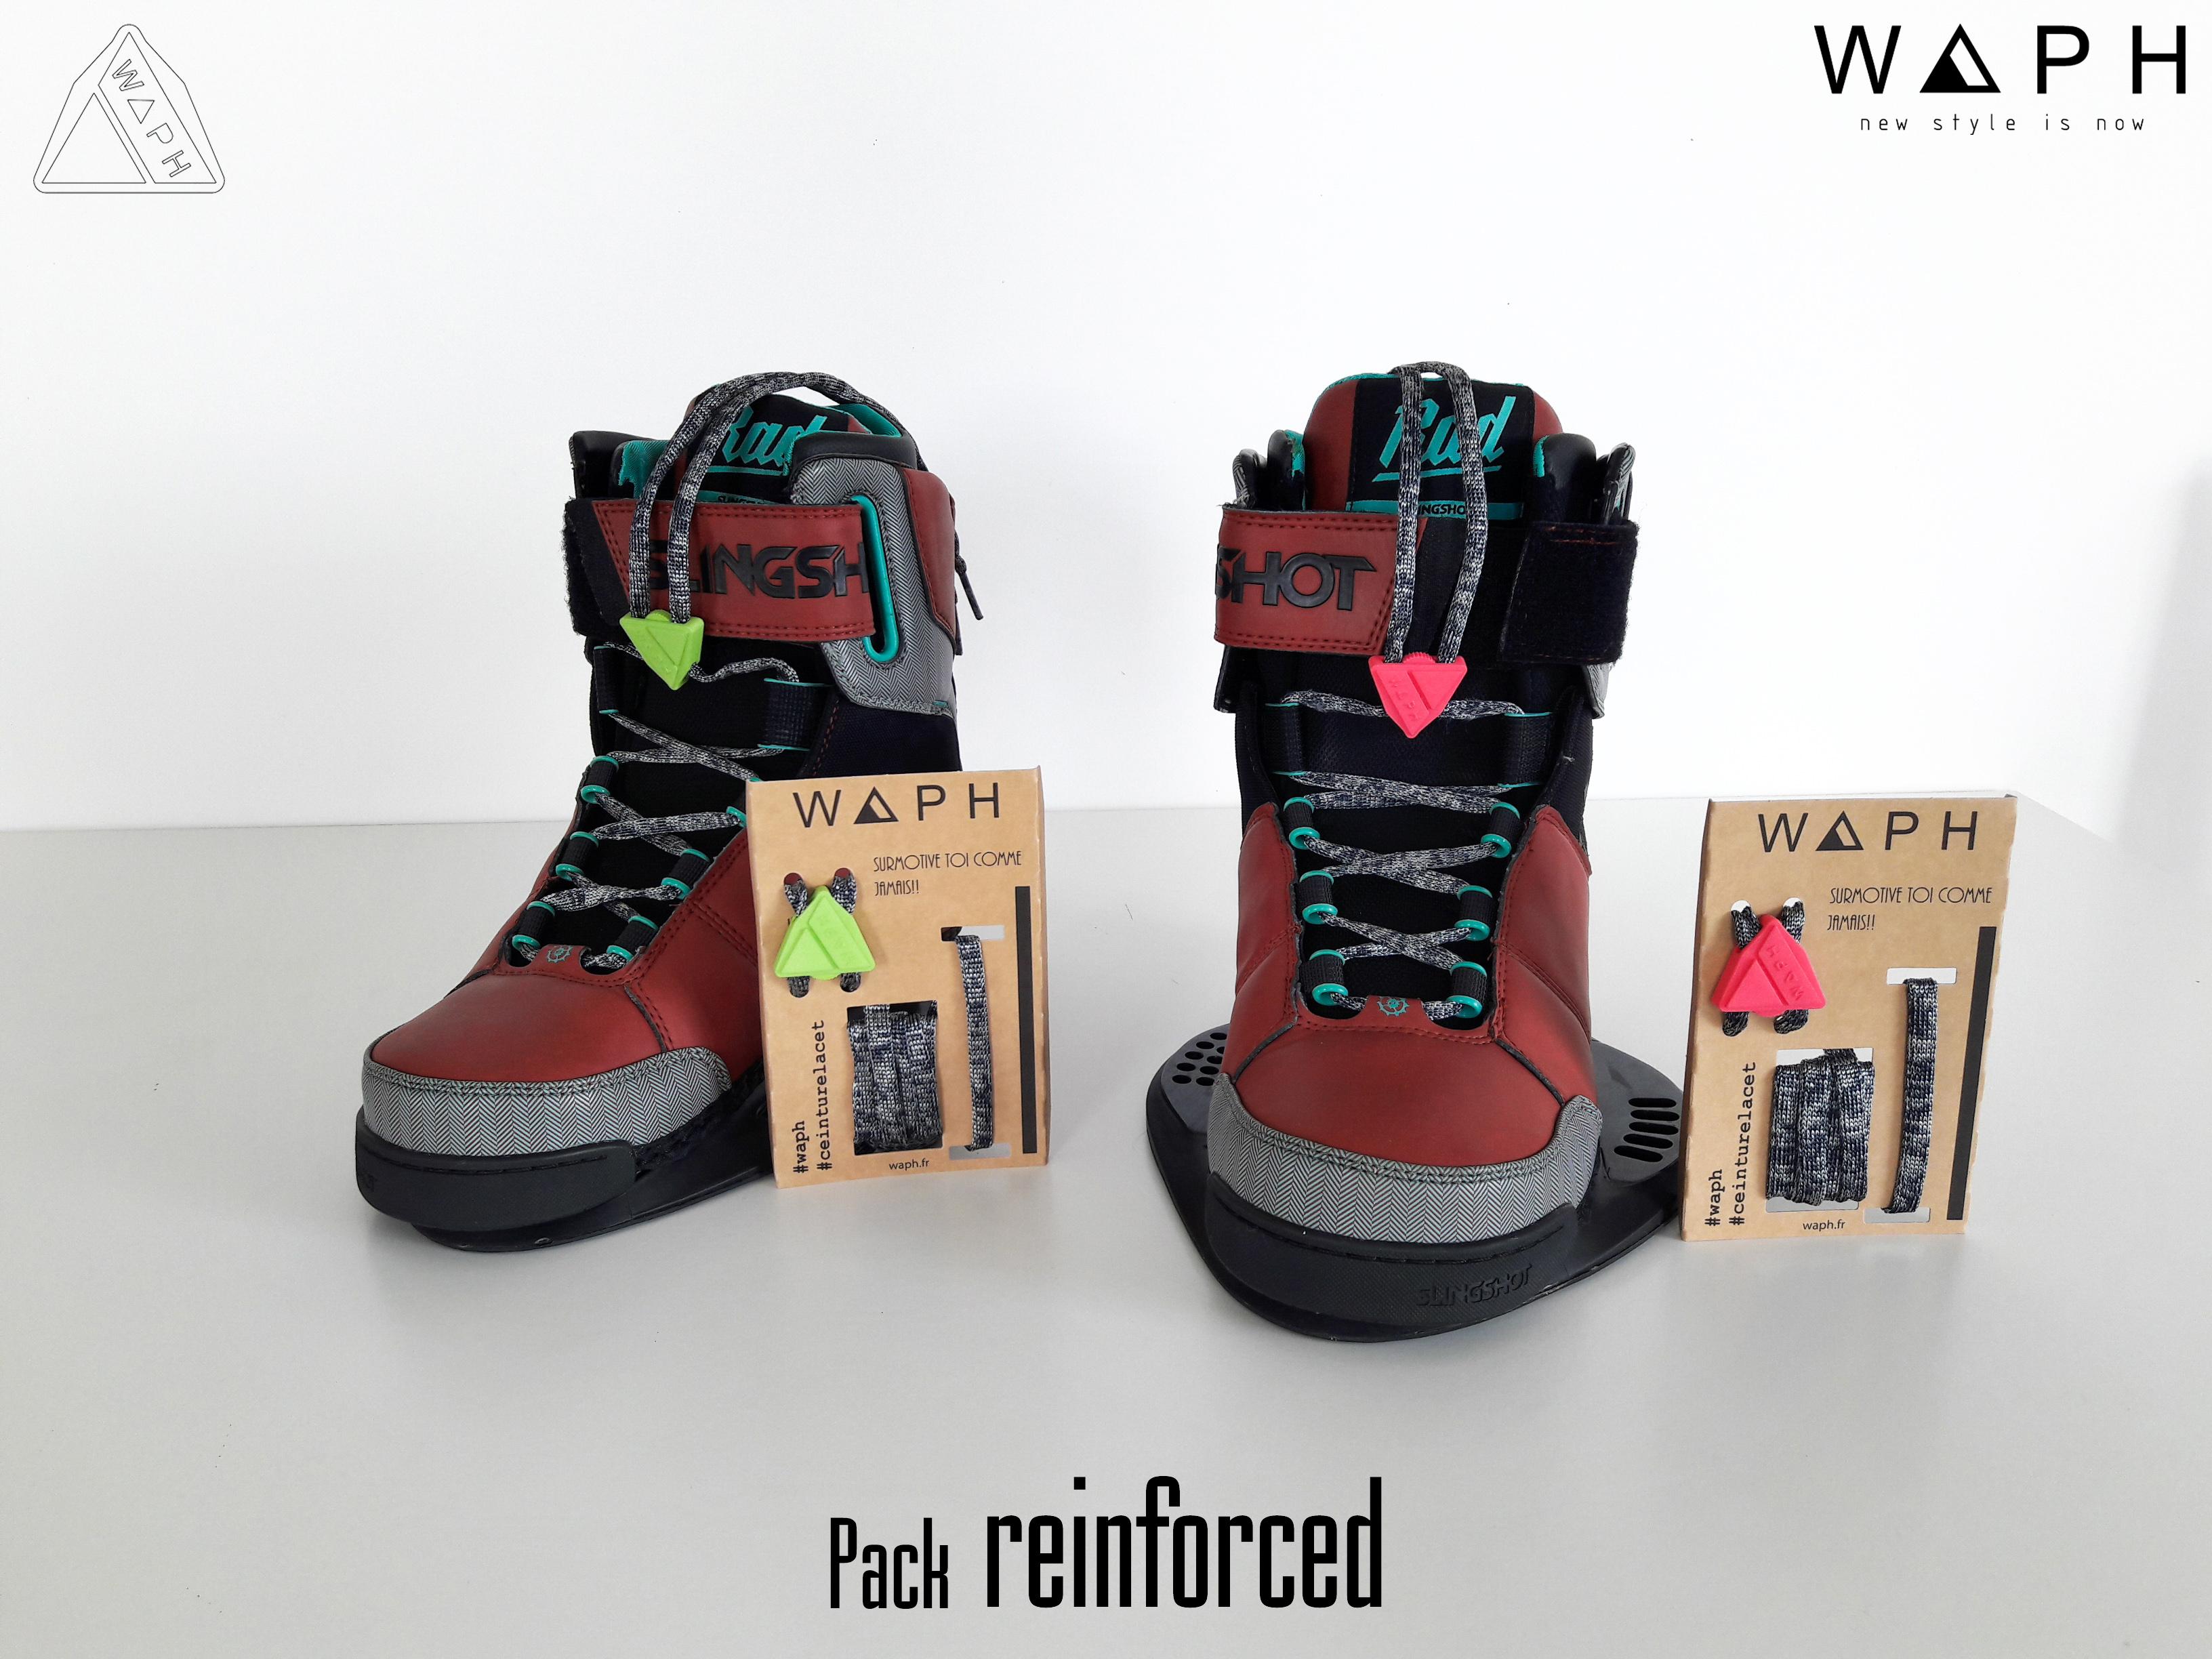 pack reinforced - Waph on KiteSista